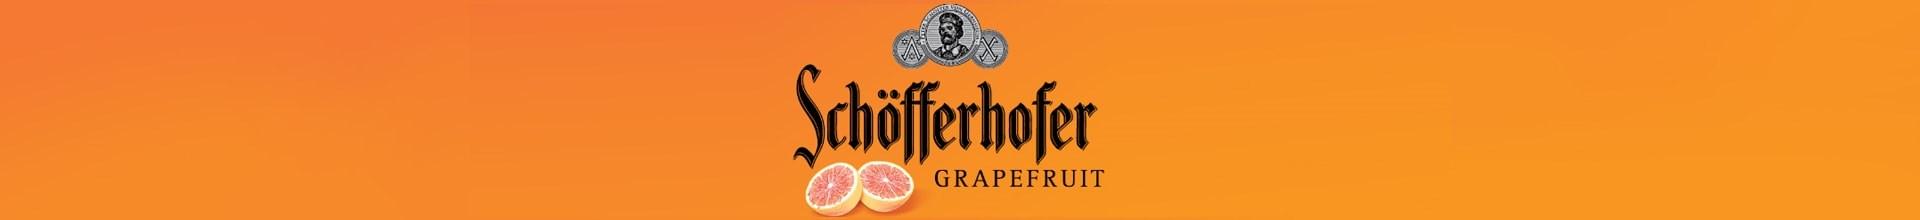 Fabricante Schöfferhofer